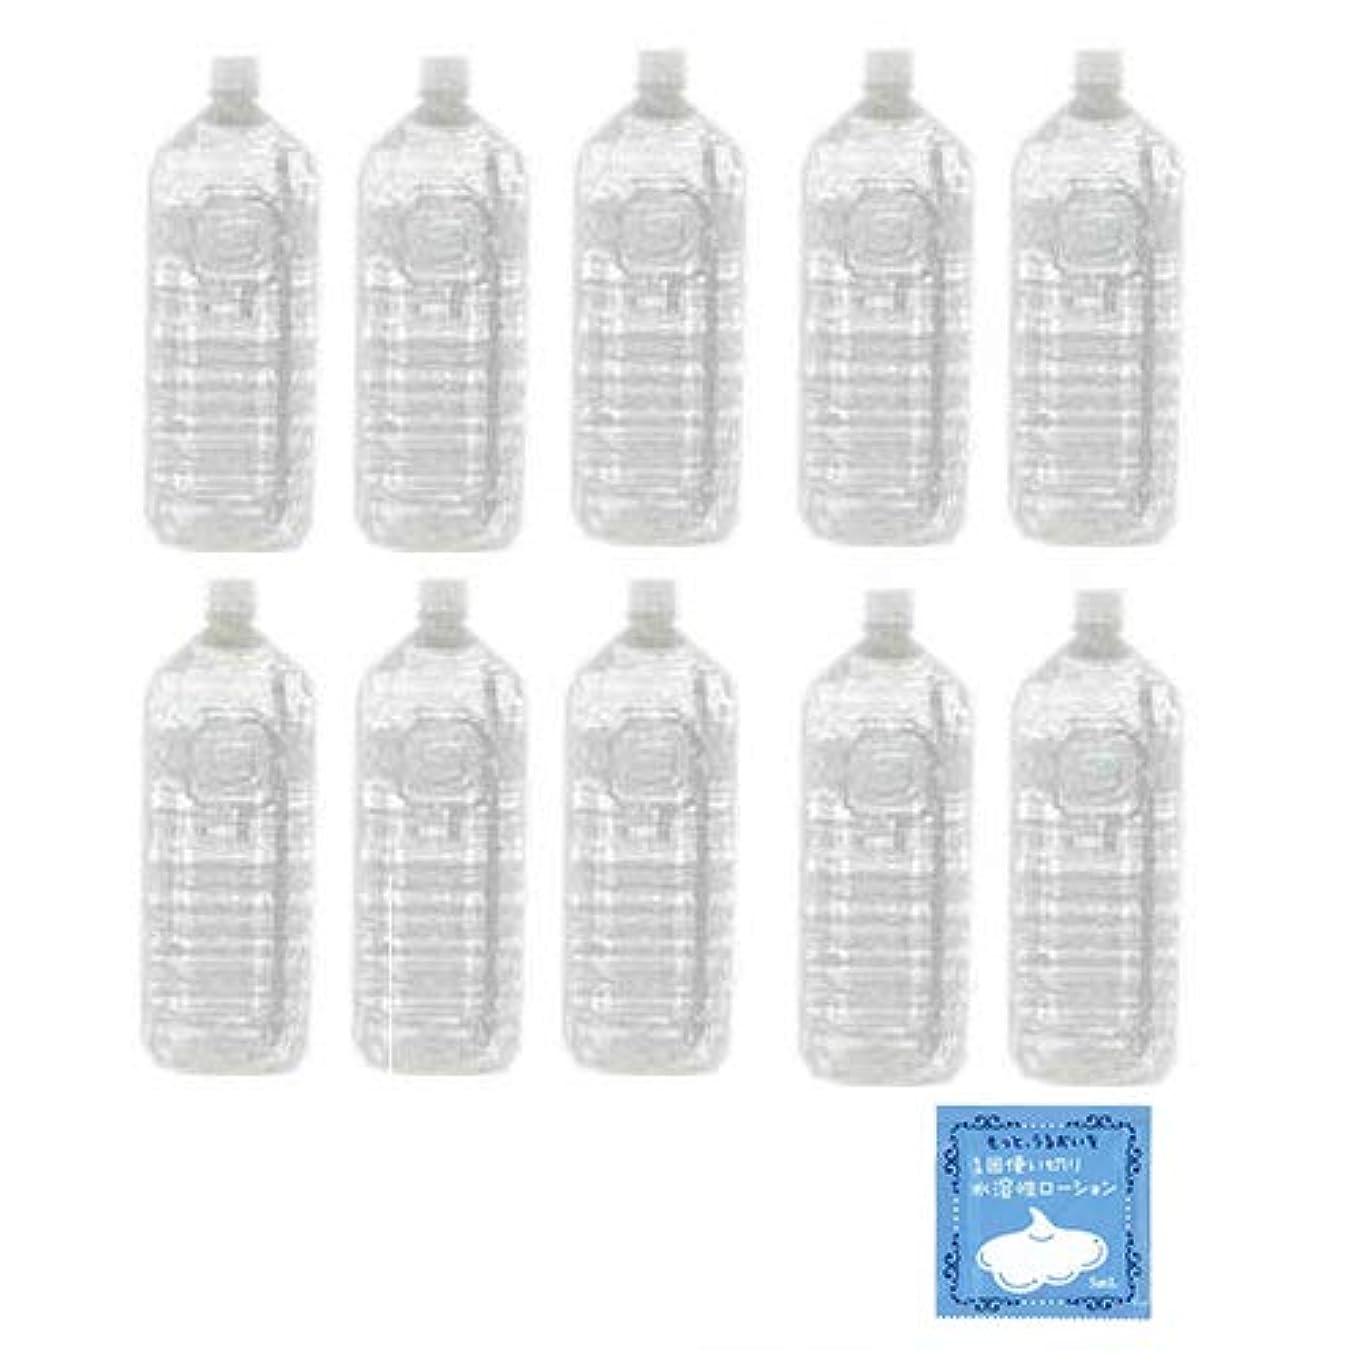 不毛の消化モノグラフクリアローション 2Lペットボトル ソフトタイプ 業務用ローション× 10本セット+ 1回使い切り水溶性潤滑ローション